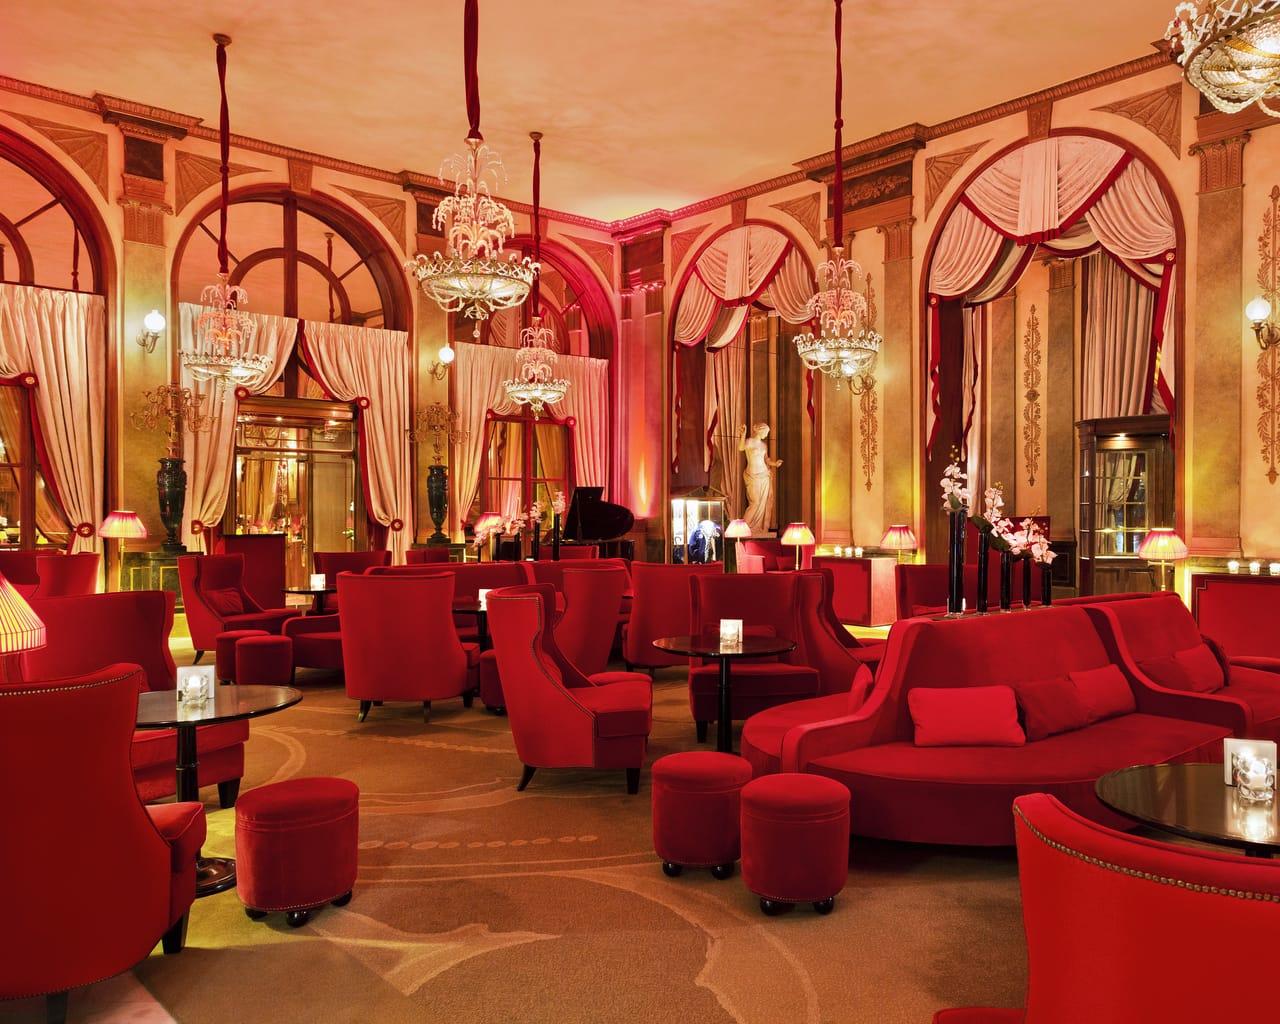 Hôtel Barrière Le Royal - Deauville à Deauville